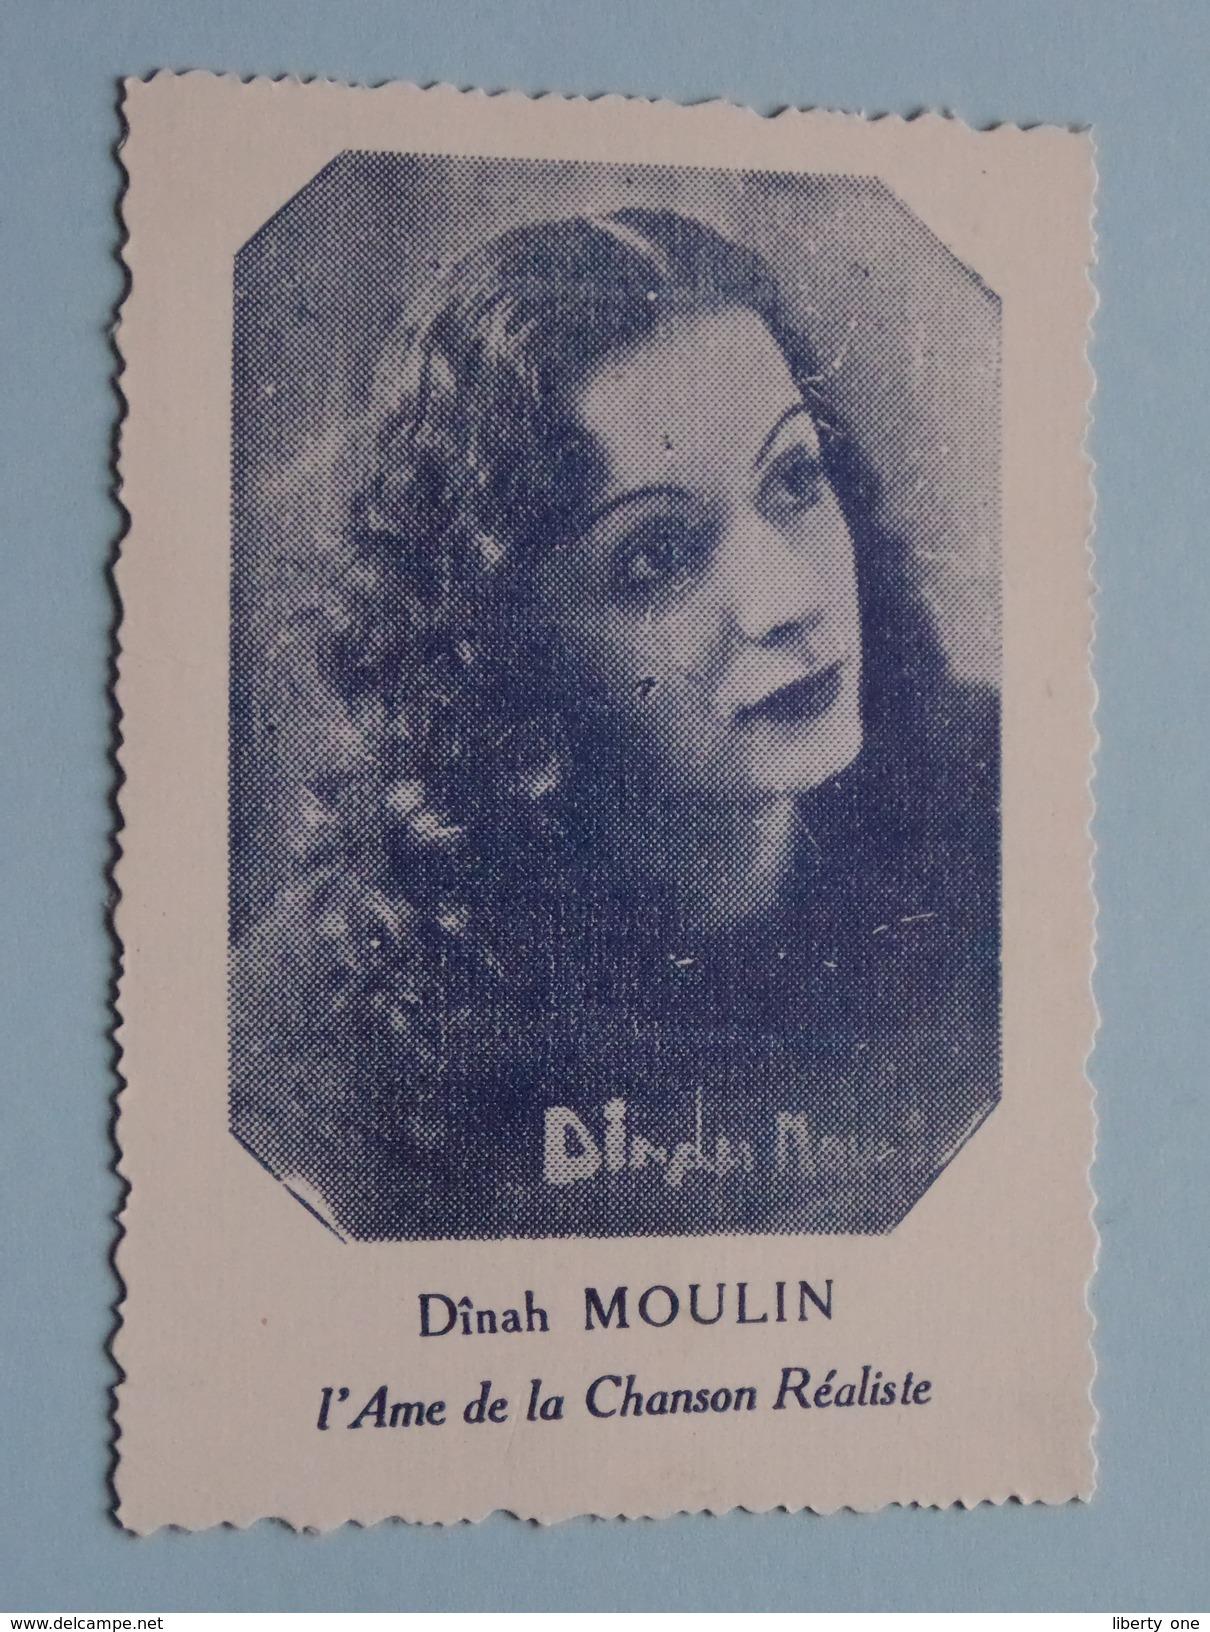 Dinah MOULIN L'Ame De La Chanson Réaliste ( Carte +/- 7 X 9,5 Cm.) ( Details Zie Foto ) ! - Foto's